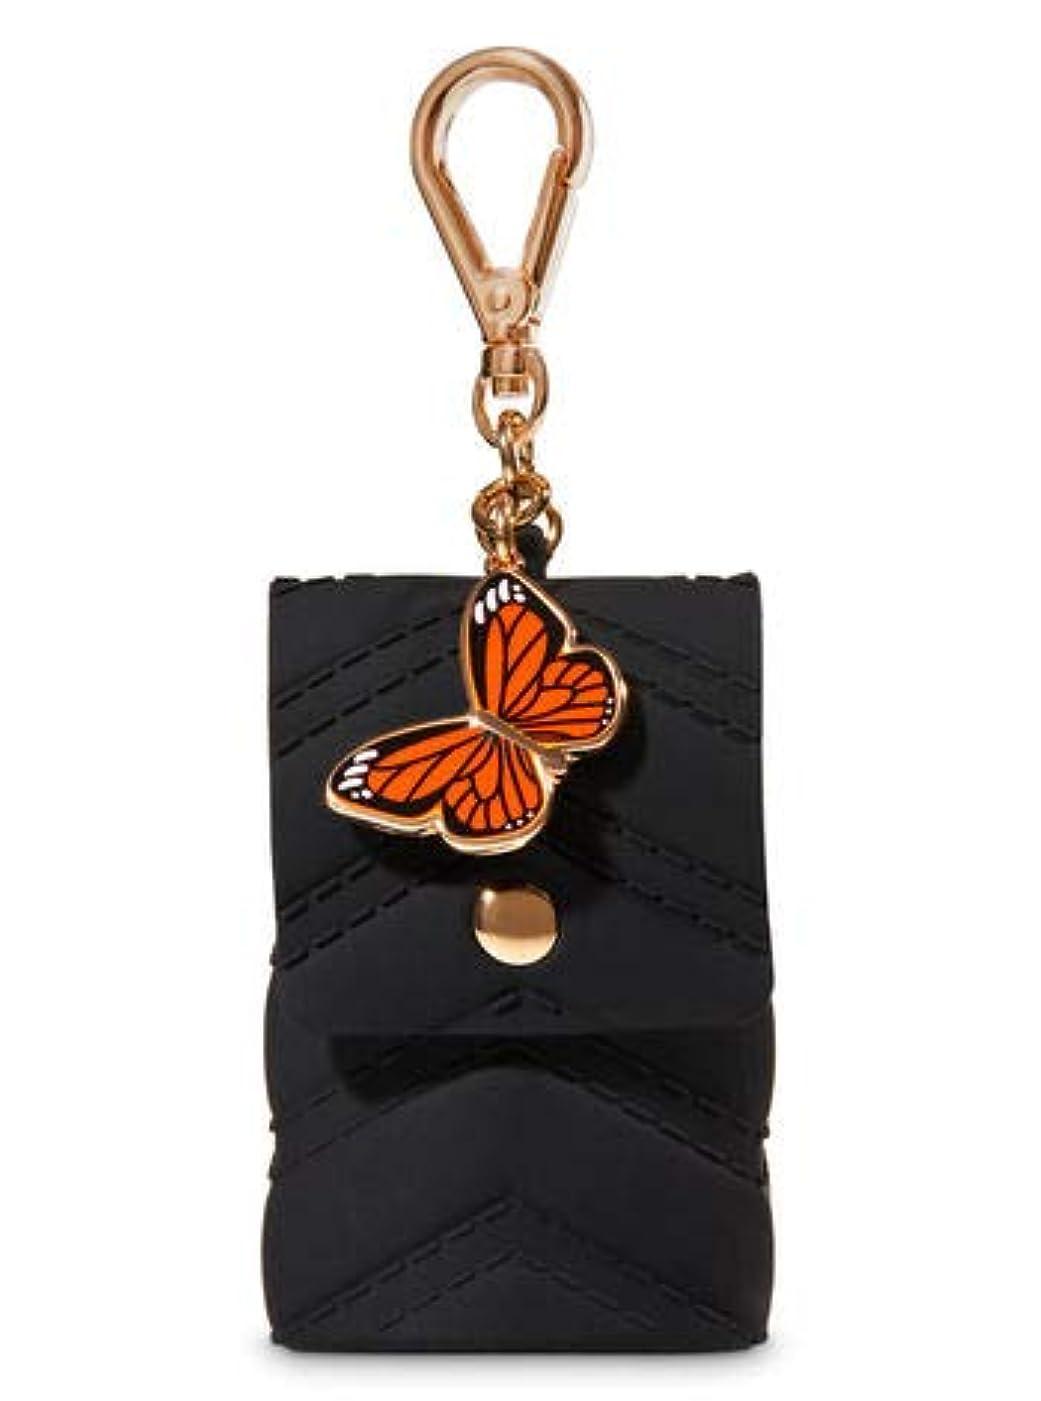 羽範囲リベラル【Bath&Body Works/バス&ボディワークス】 抗菌ハンドジェルホルダー バタフライチャーム Pocketbac Holder Butterfly Charm [並行輸入品]